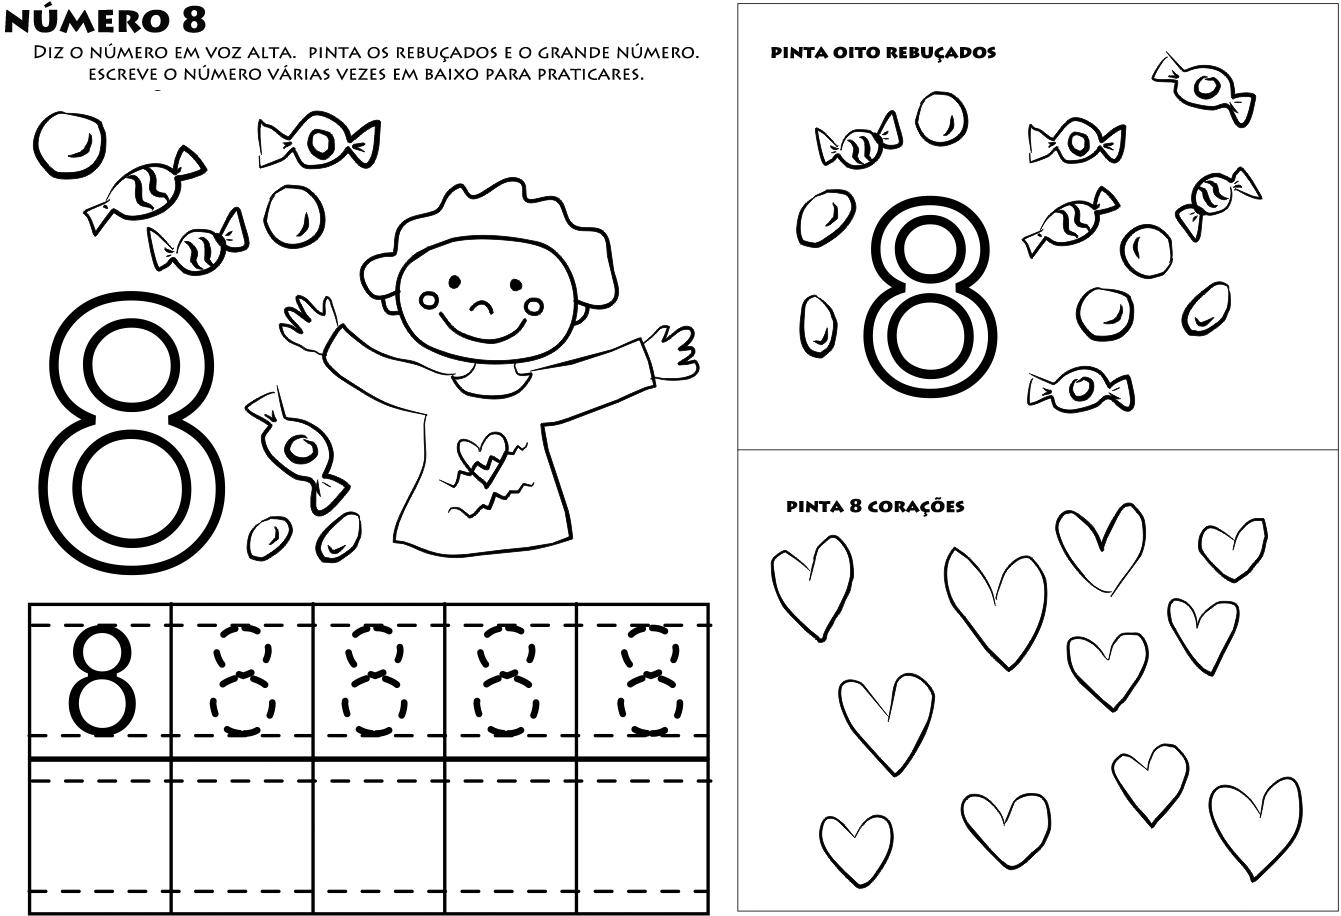 numero 8 para colorir aprender a escrever numeros desenhos para